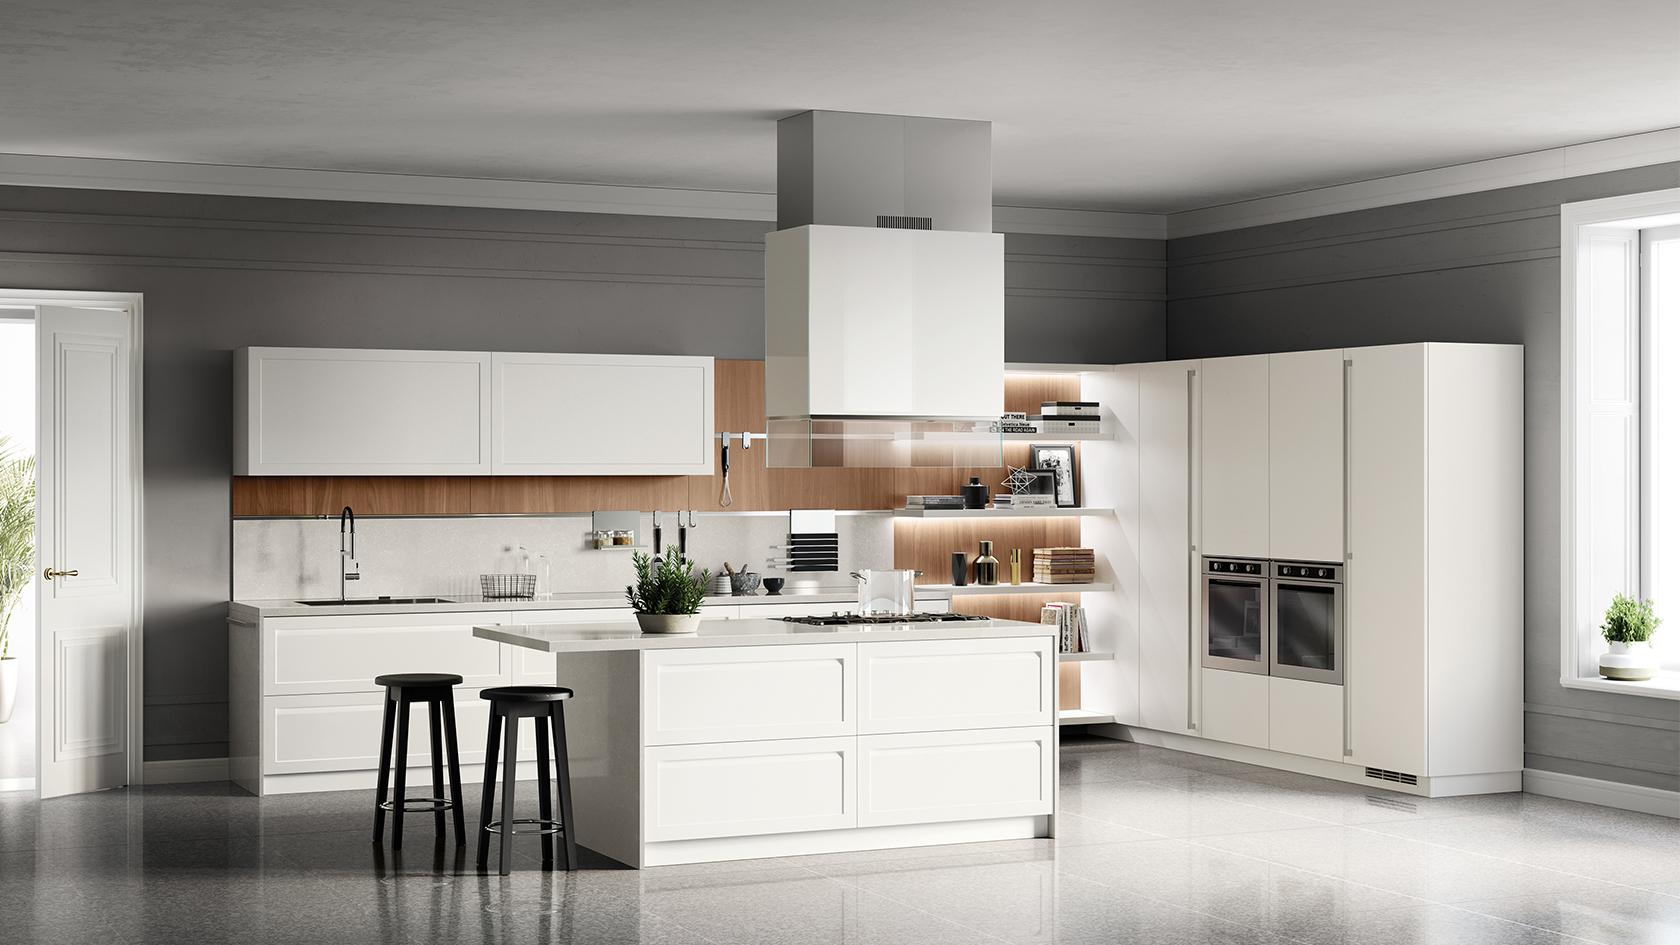 Arredamenti iacobellis laterza mobili moderni e for Mobili cucine teramo